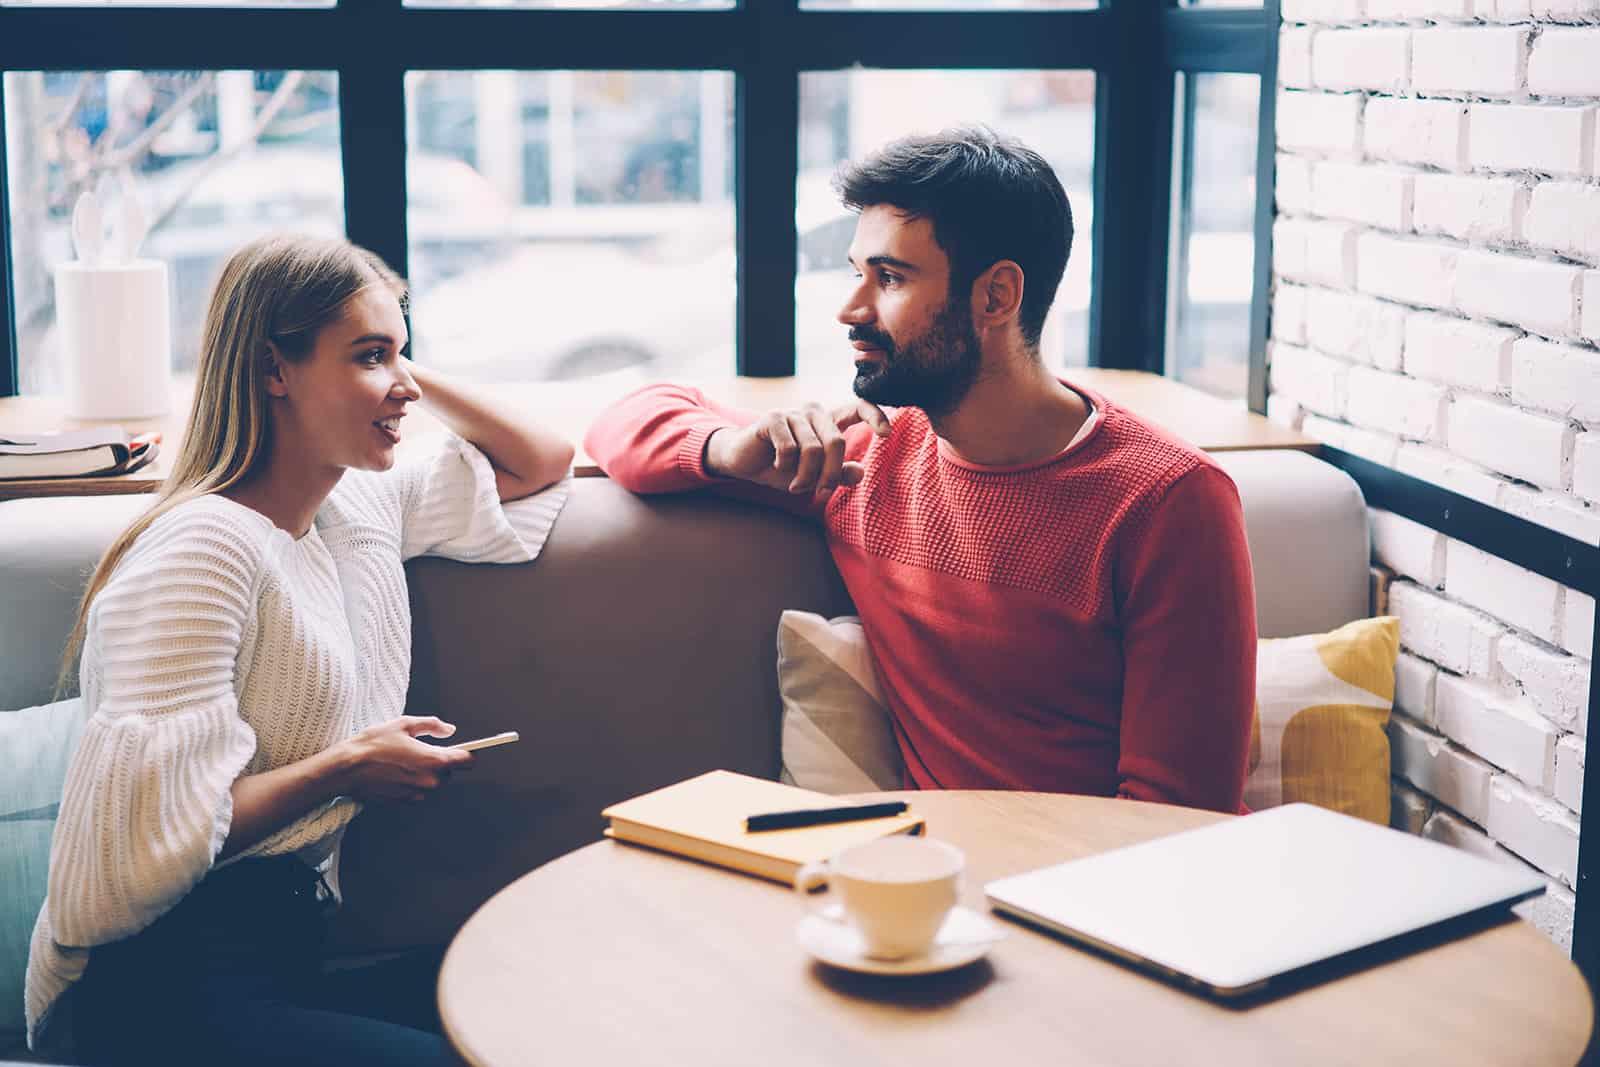 Junge Frau und Mann sprechen beim Sitzen am Tisch